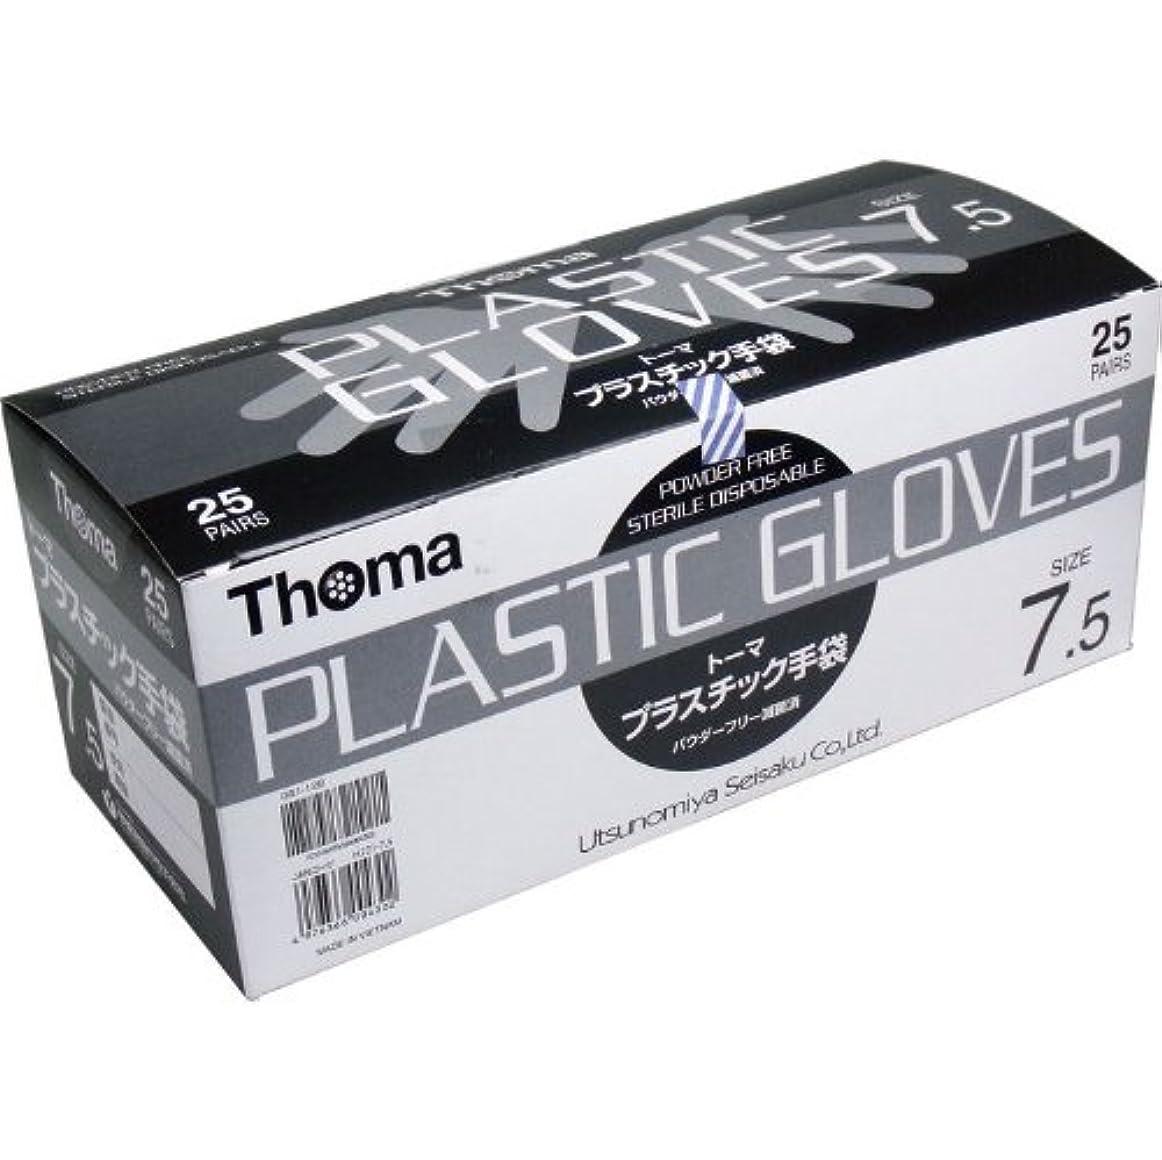 グループ年金さびたパウダーフリー手袋 1双毎に滅菌包装、衛生的 便利 トーマ プラスチック手袋 パウダーフリー滅菌済 25双入 サイズ7.5【5個セット】